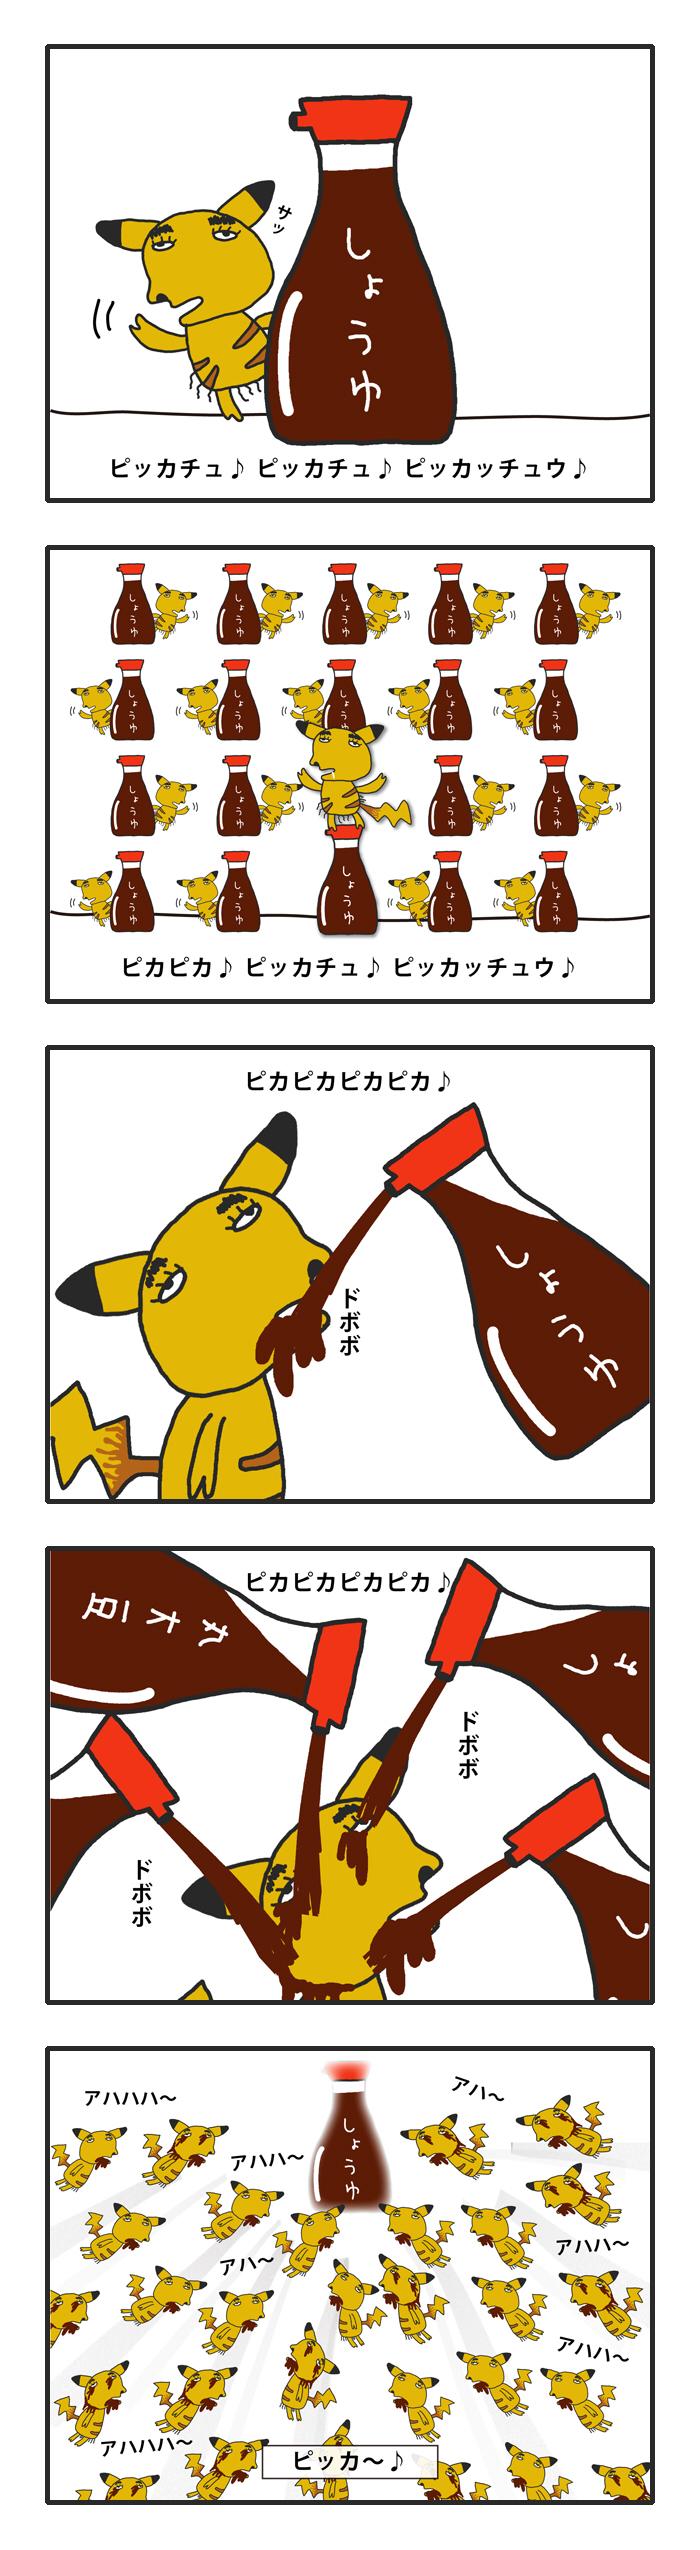 10 5 - 「ポケモン」のとんでもない感動漫画が描かれてしまう。